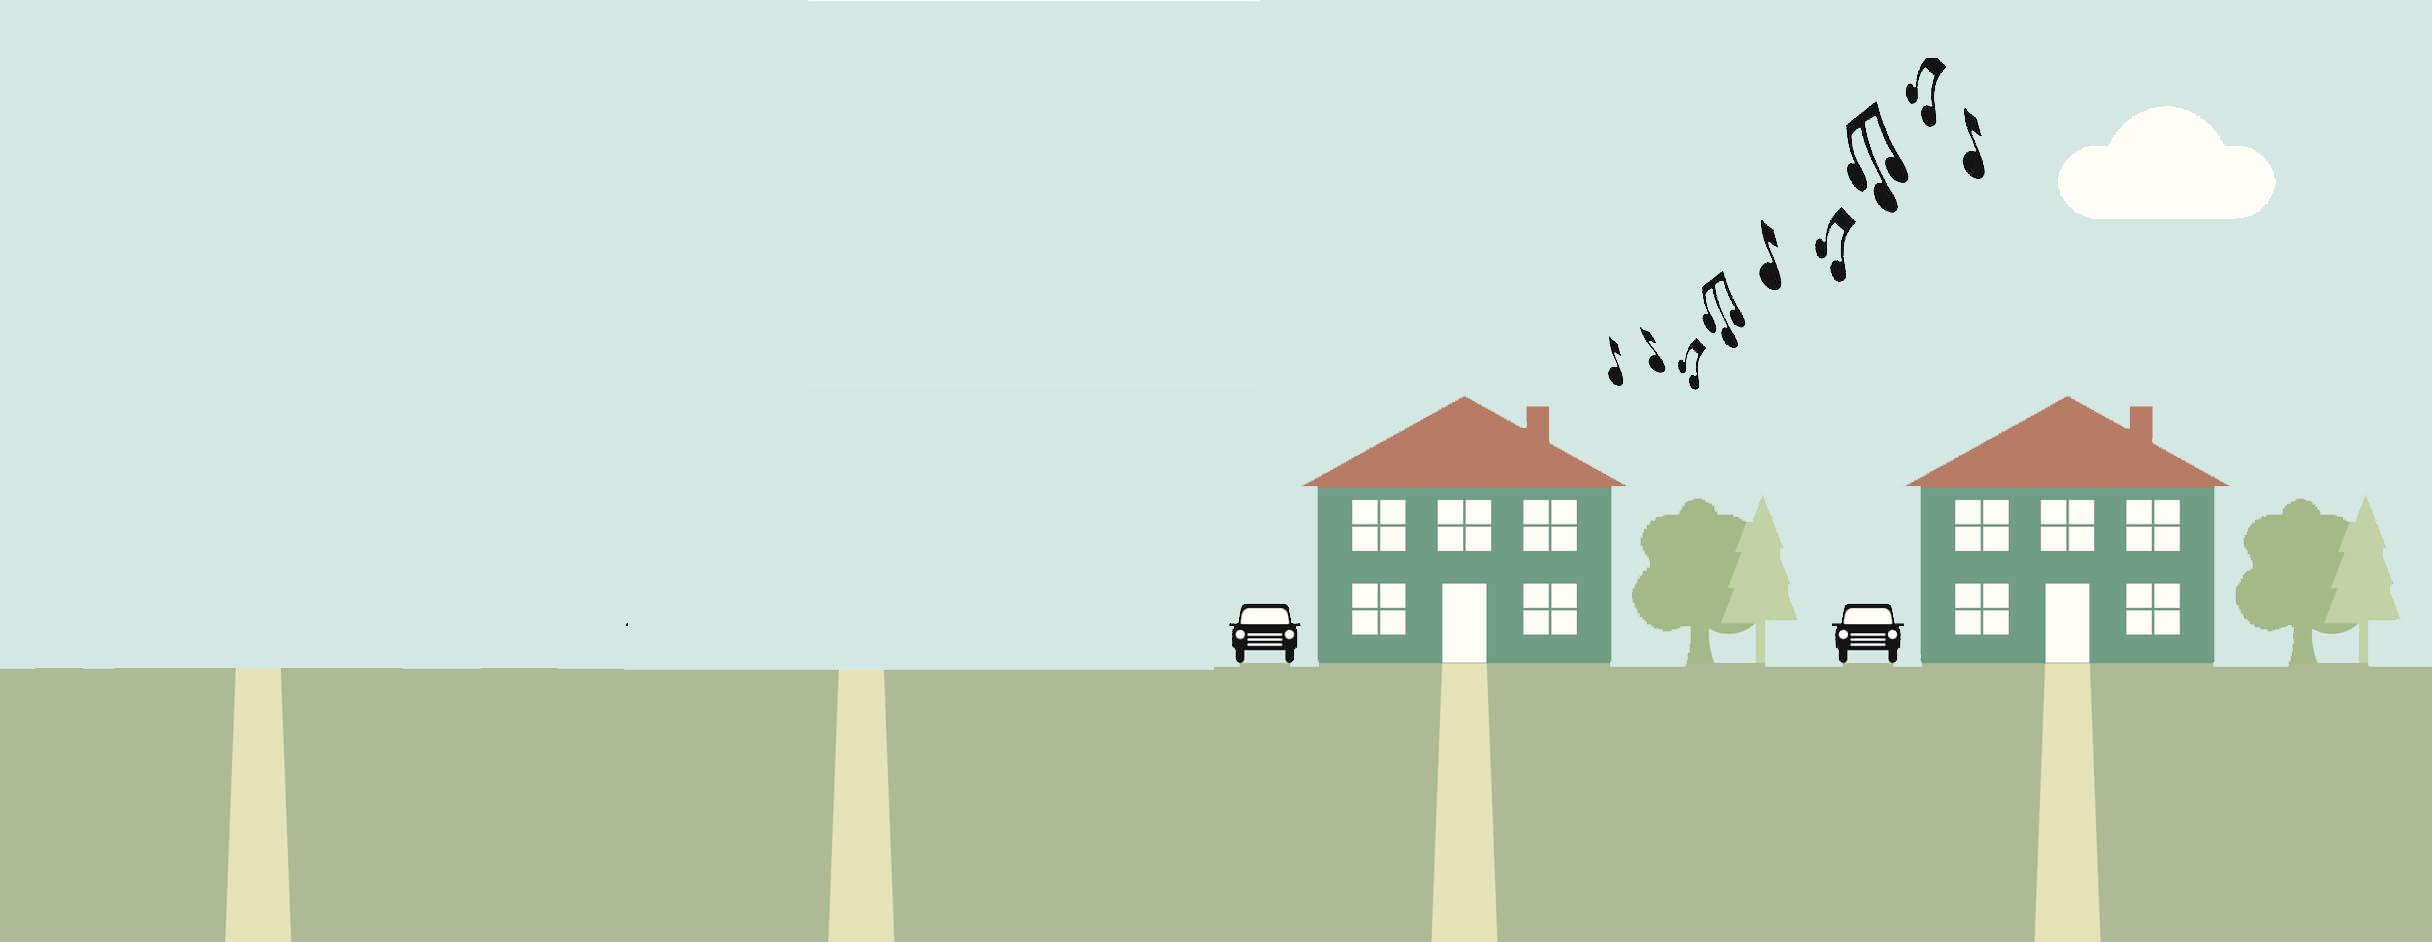 comment r agir face aux nuisances d 39 un voisin. Black Bedroom Furniture Sets. Home Design Ideas